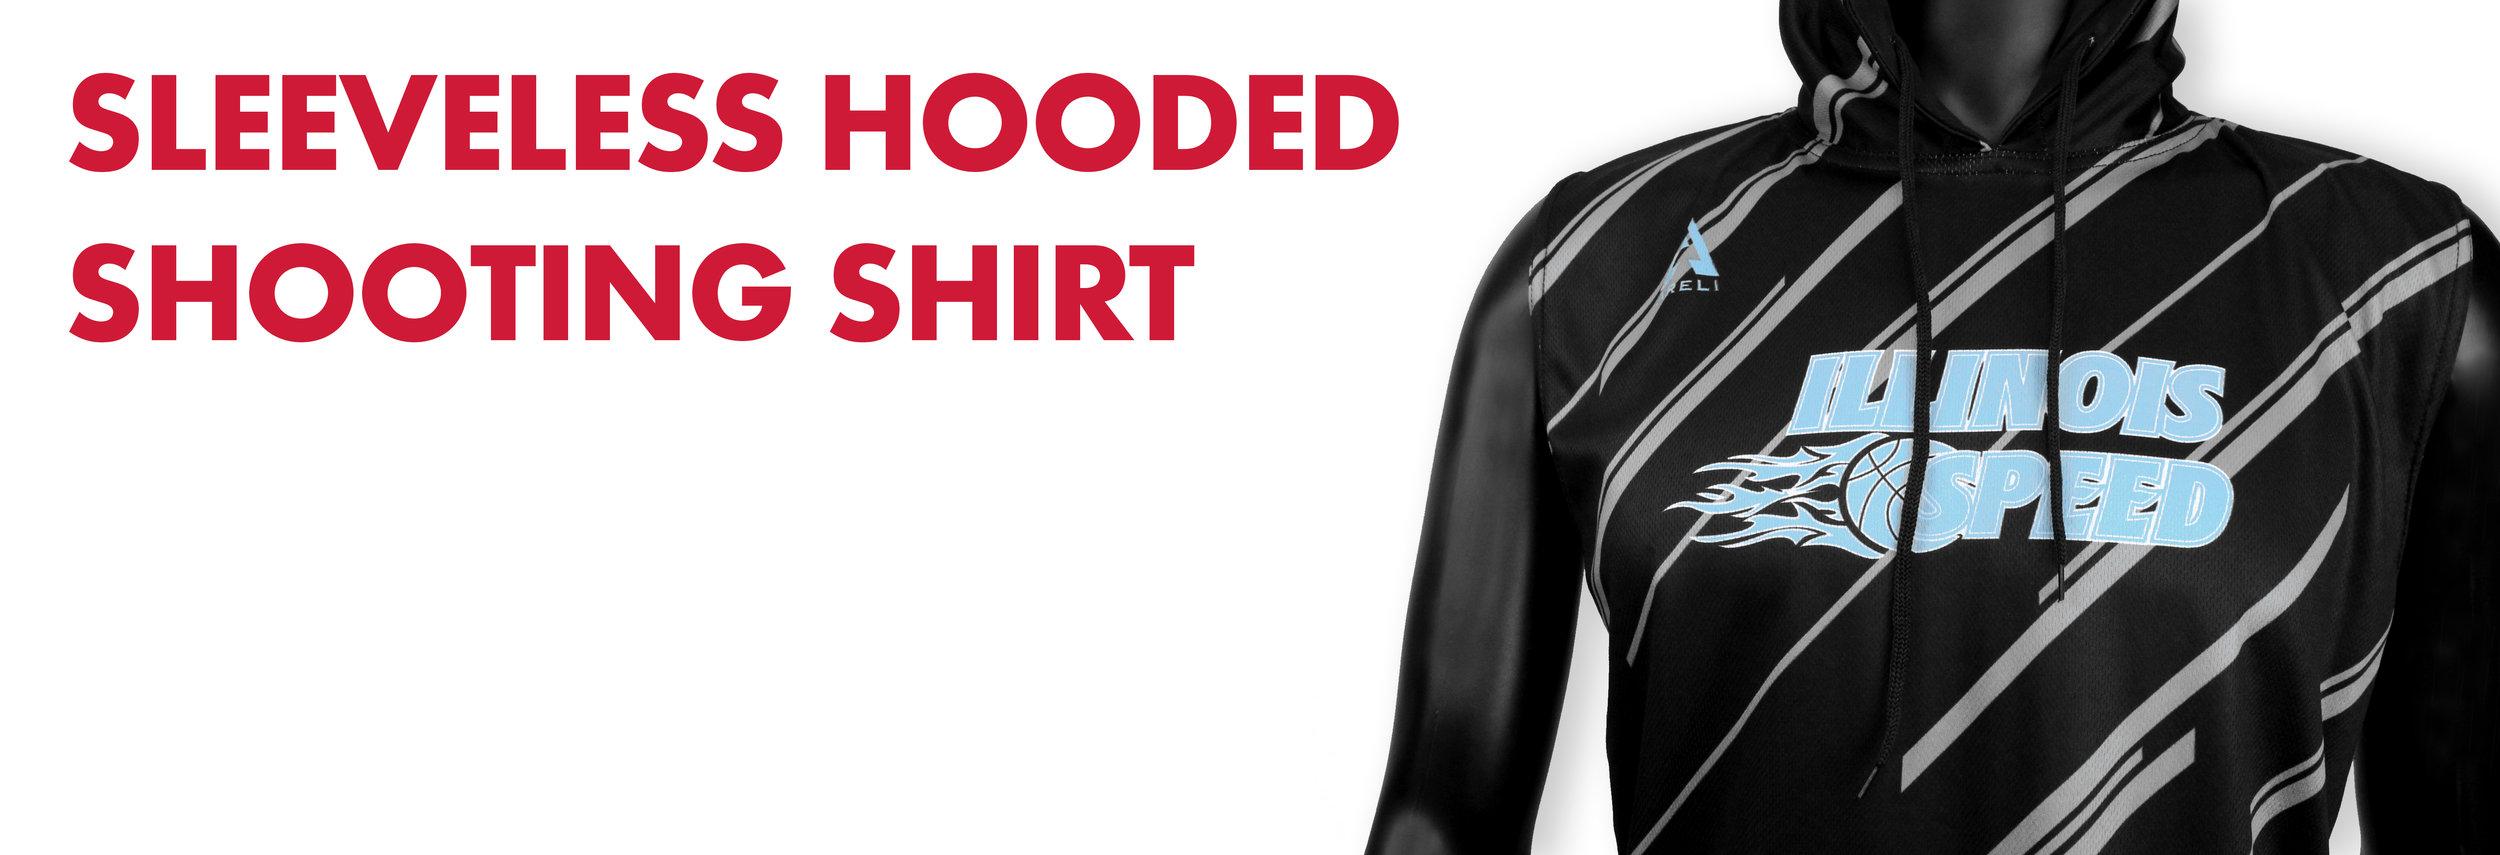 hooded shooter home promo v2.jpg